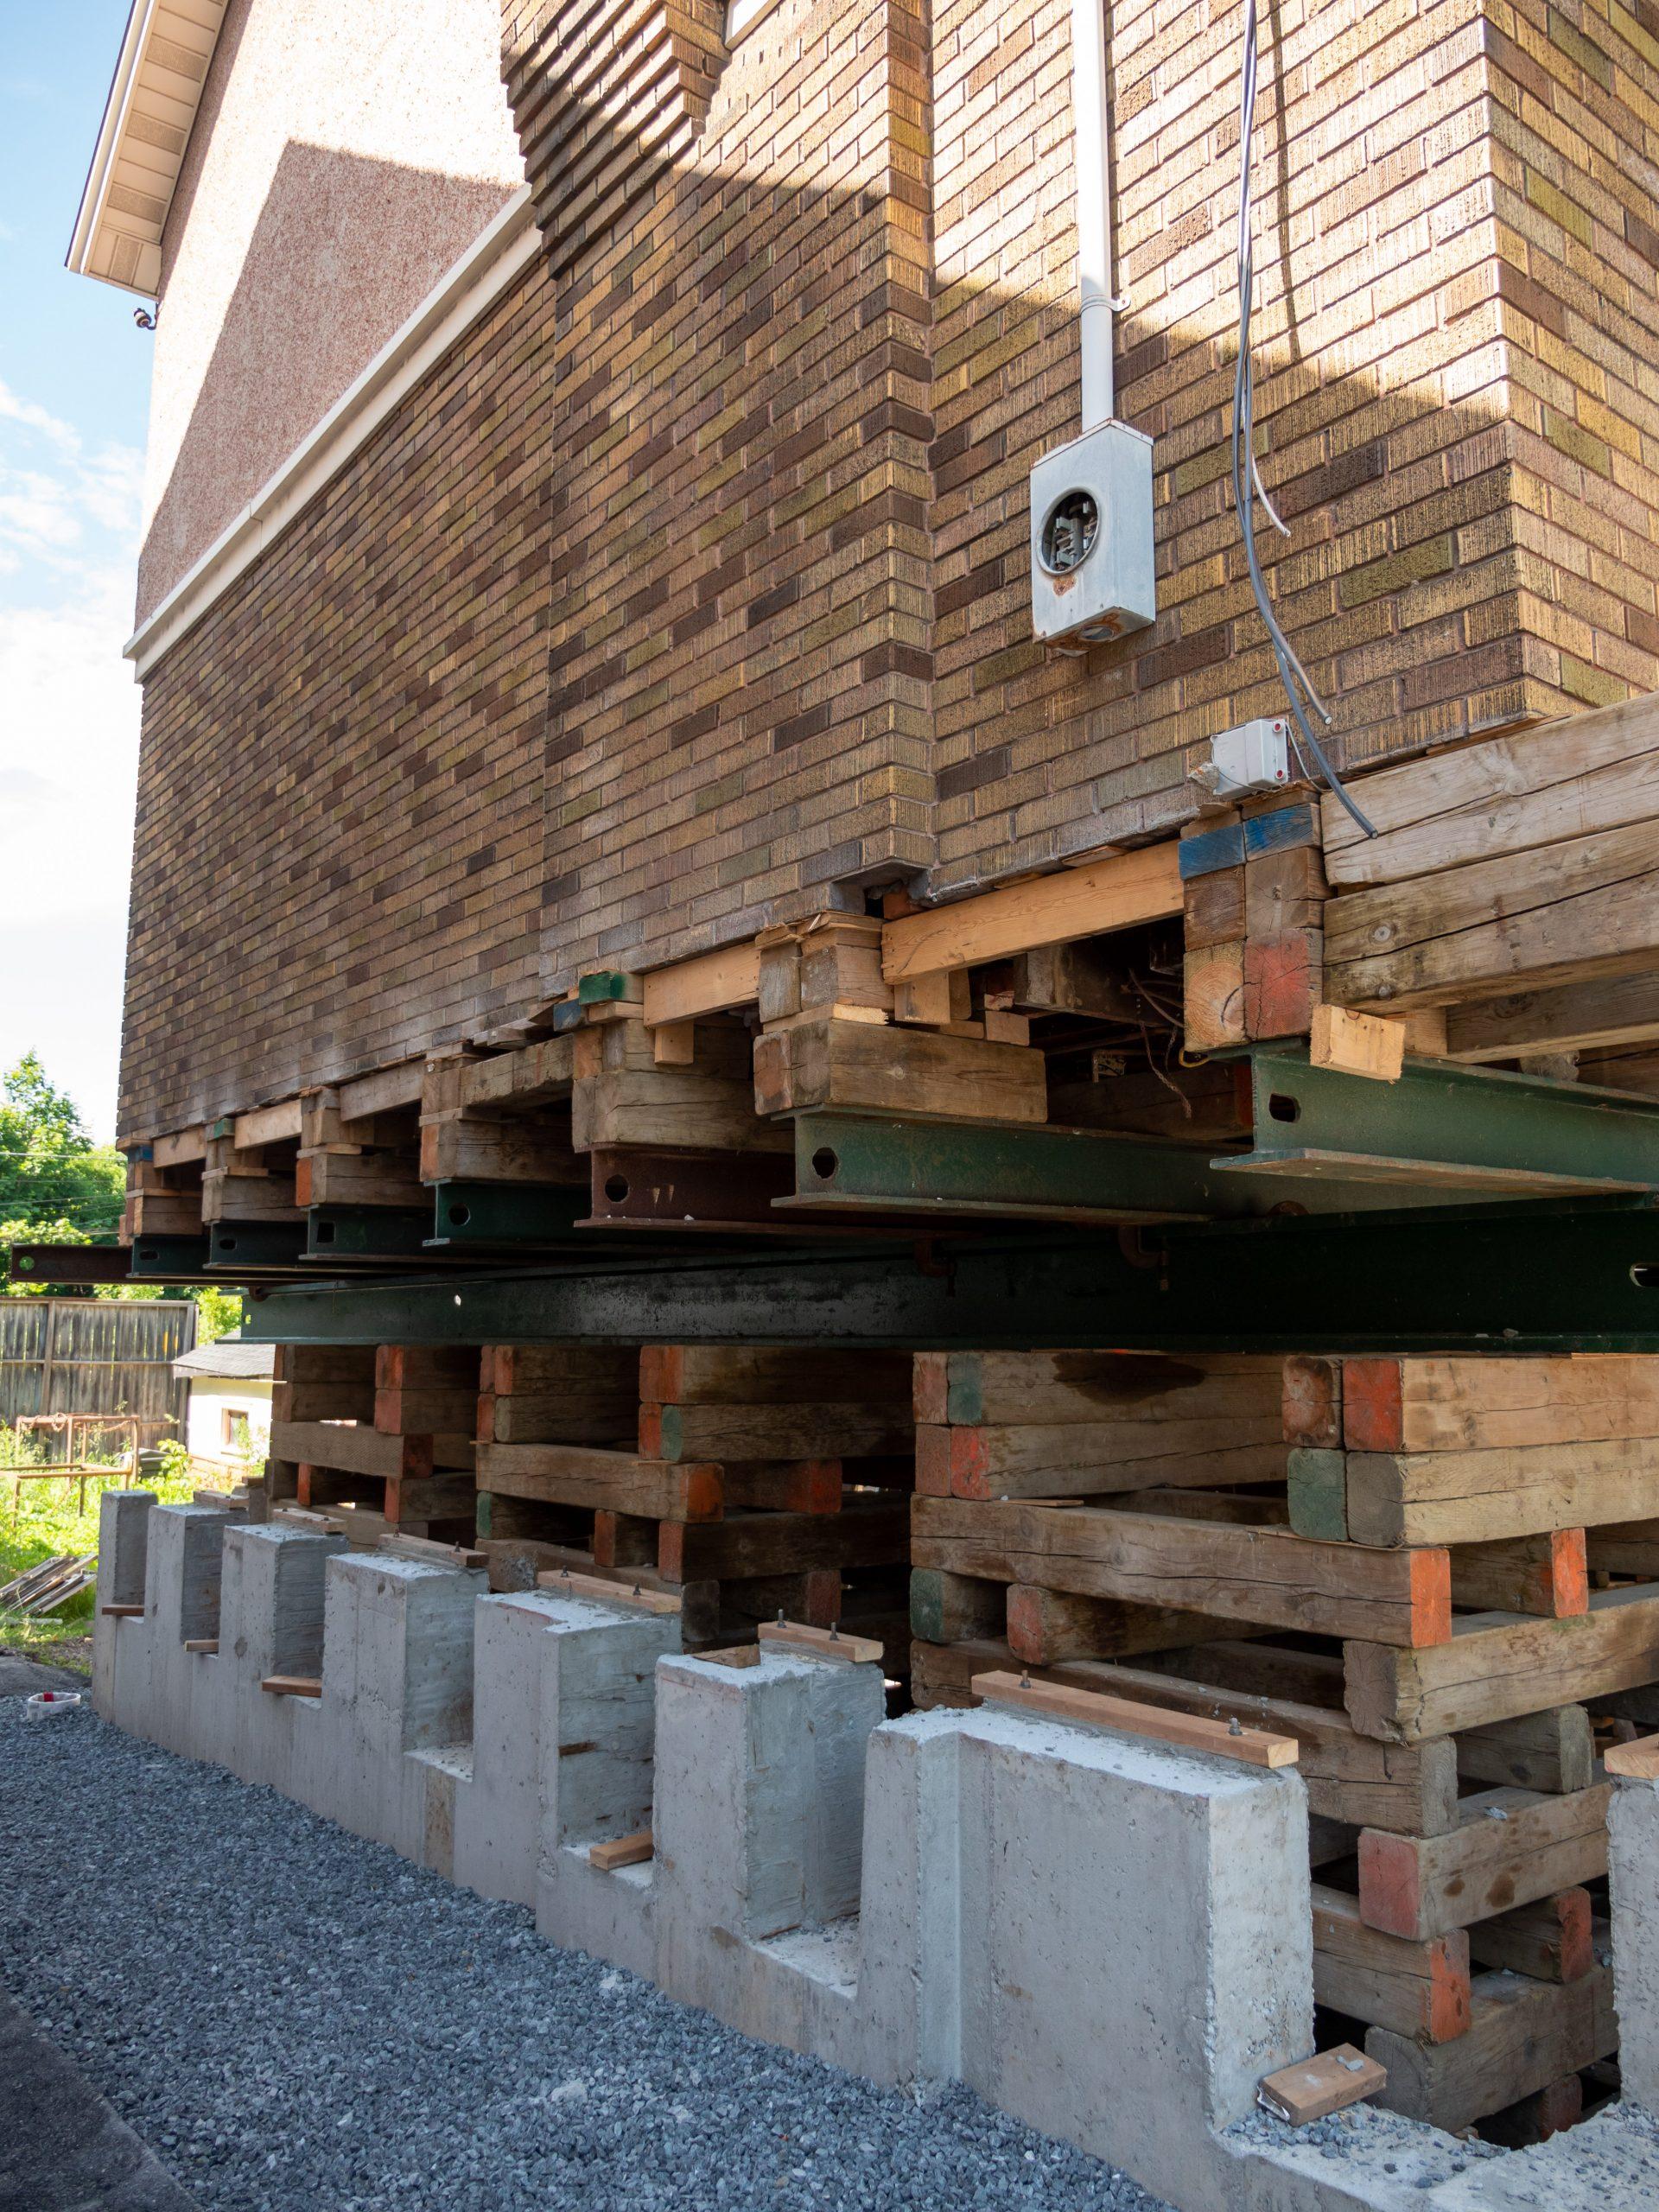 Maison surélevée pour mettre de pieux Ottawa, Canada